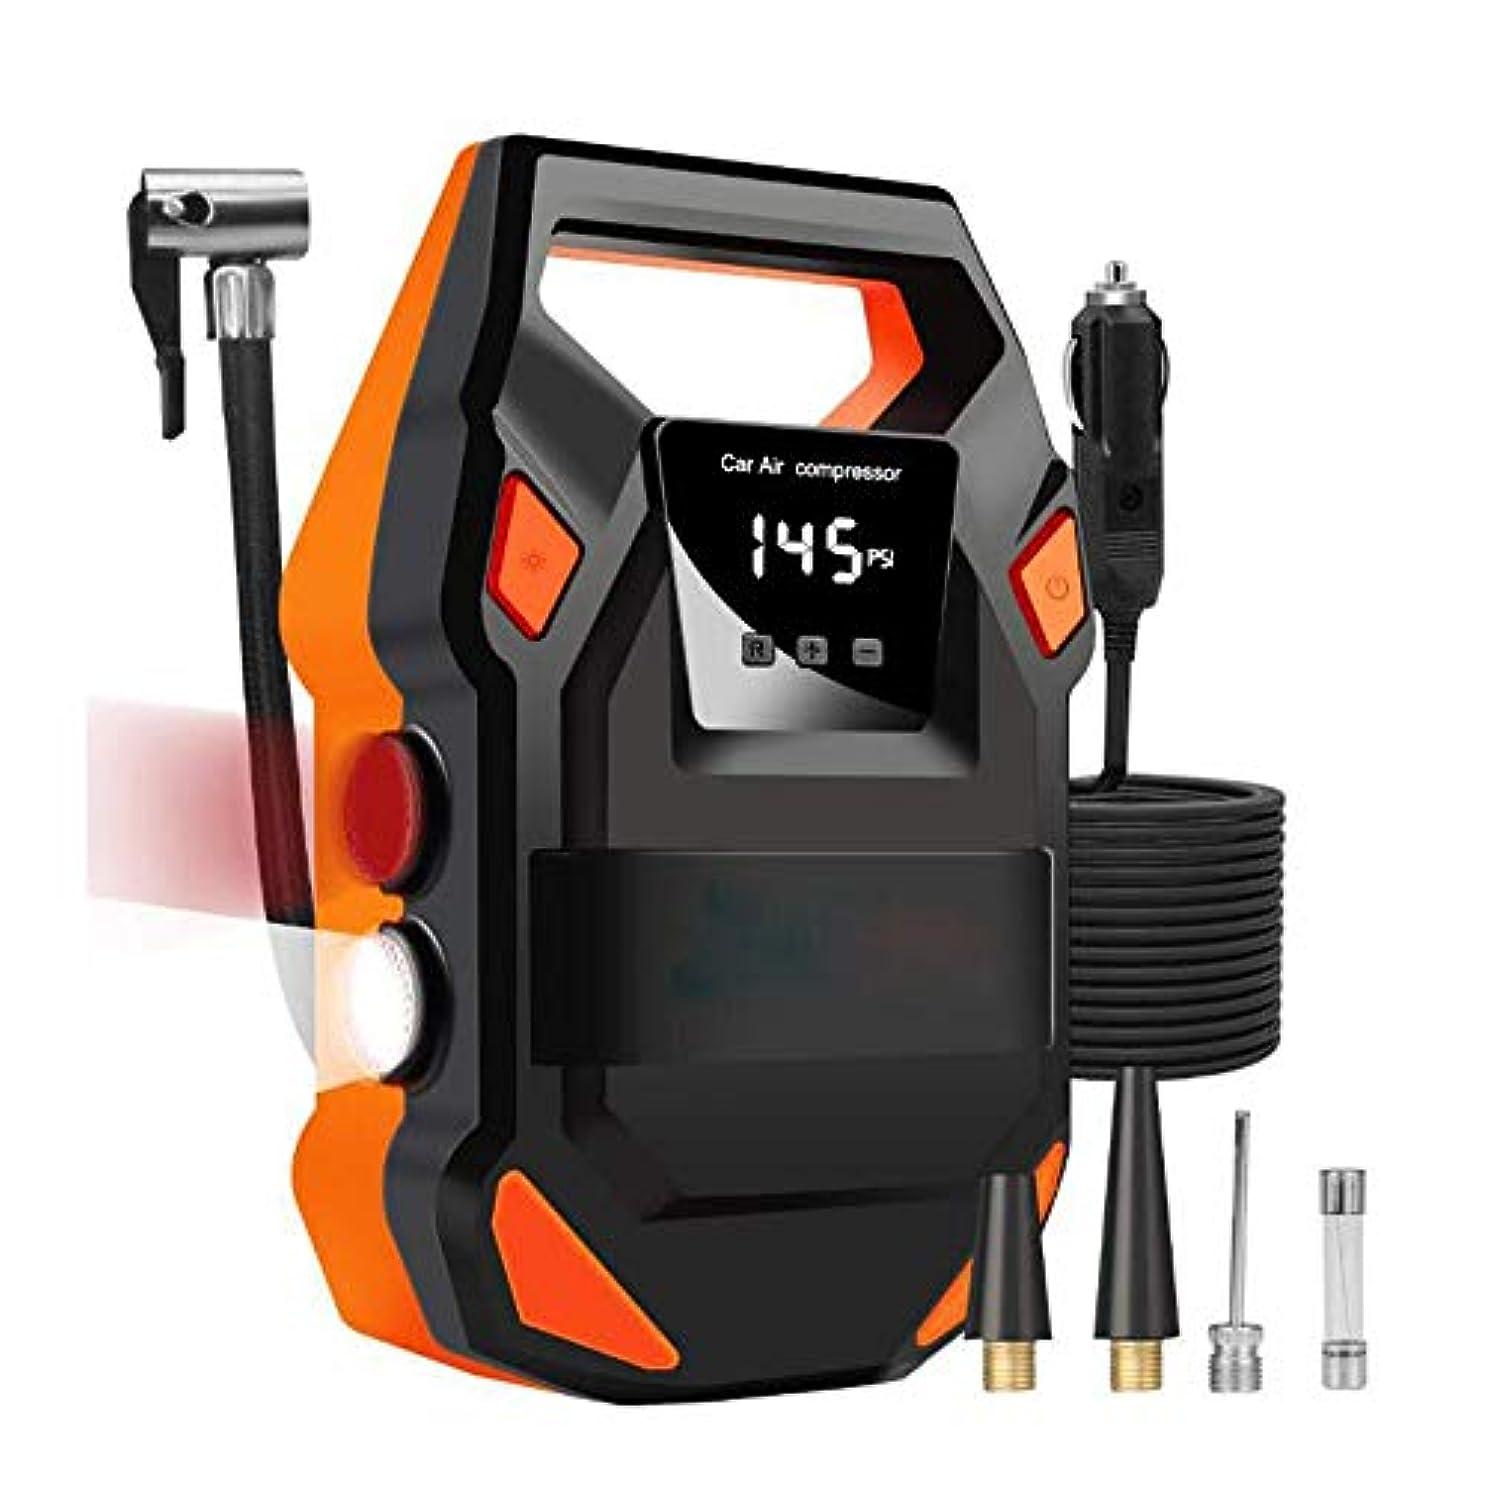 広くネコ黒人150 PSIのHF-DC 12Vデジタルタイヤインフレータ車のポータブルエアーコンプレッサーポンプ車の空気コンプレッサー車用